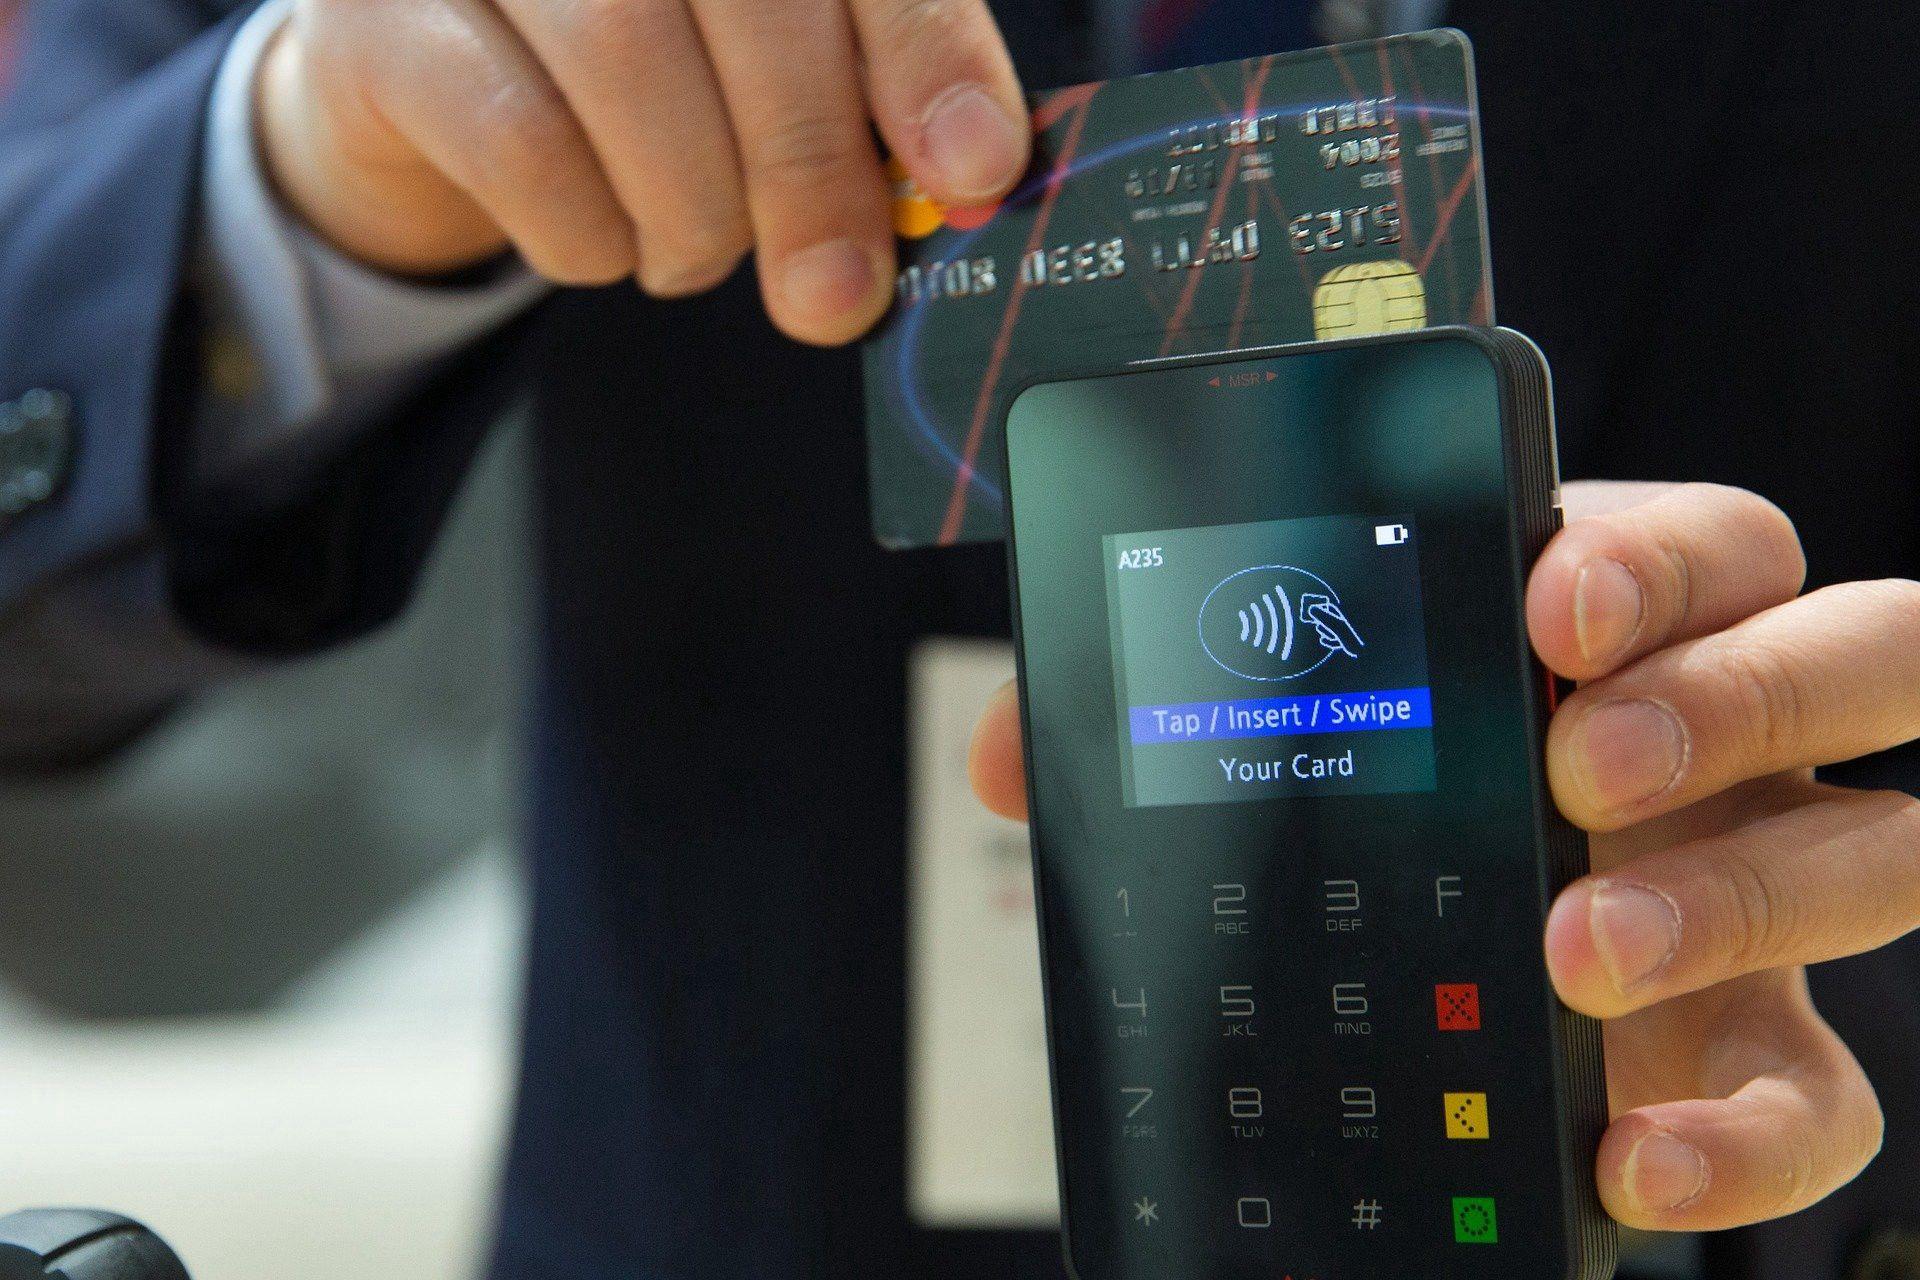 Kazakhstan Electronic Money Institute Emi License Visa Debit Card Credit Repair Credit Card Machine